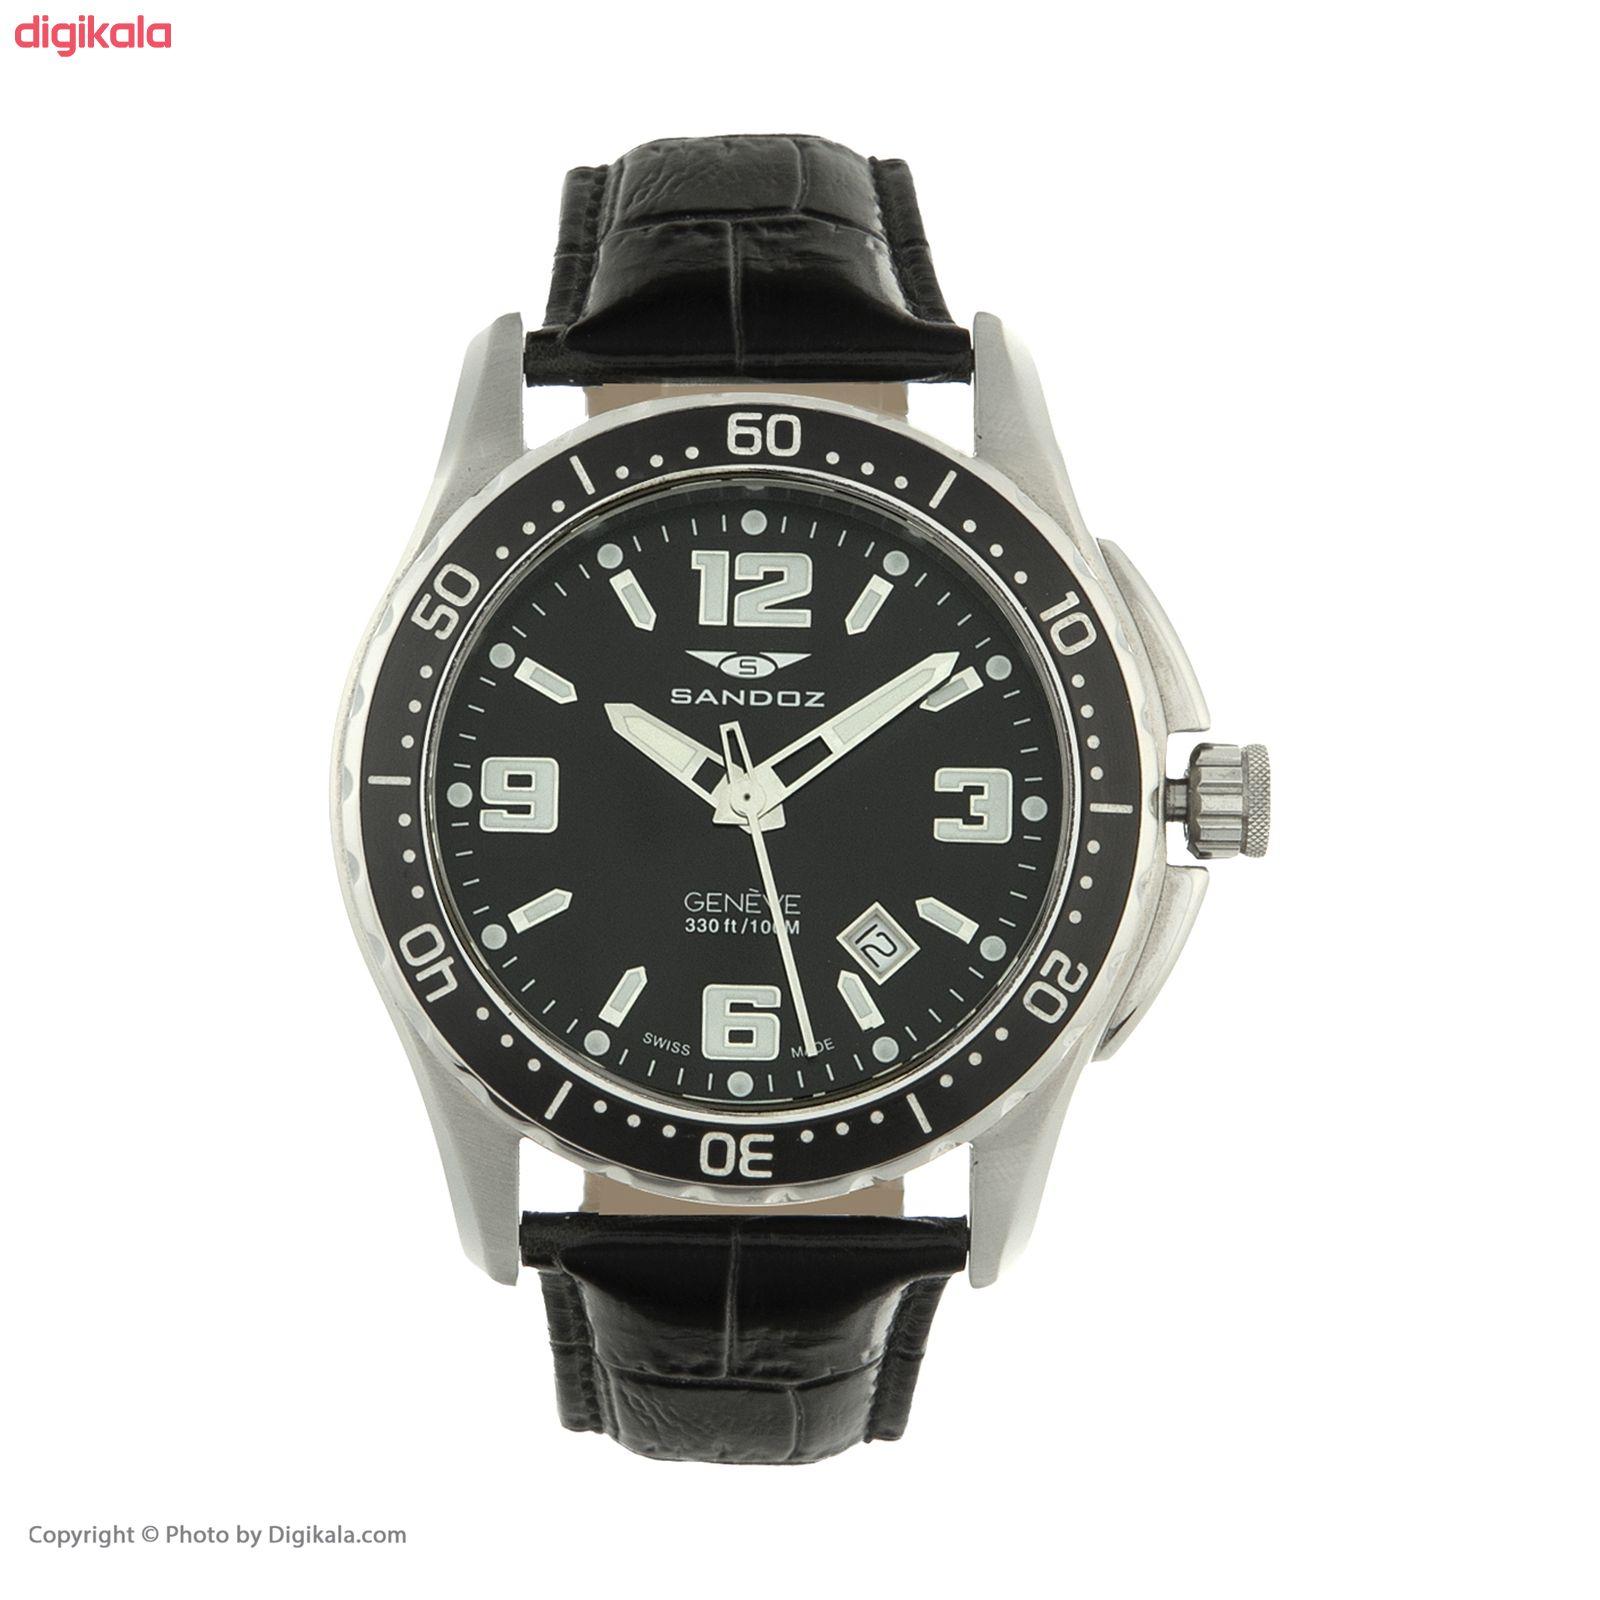 ساعت مچی عقربه ای مردانه ساندوز مدل 81331-55